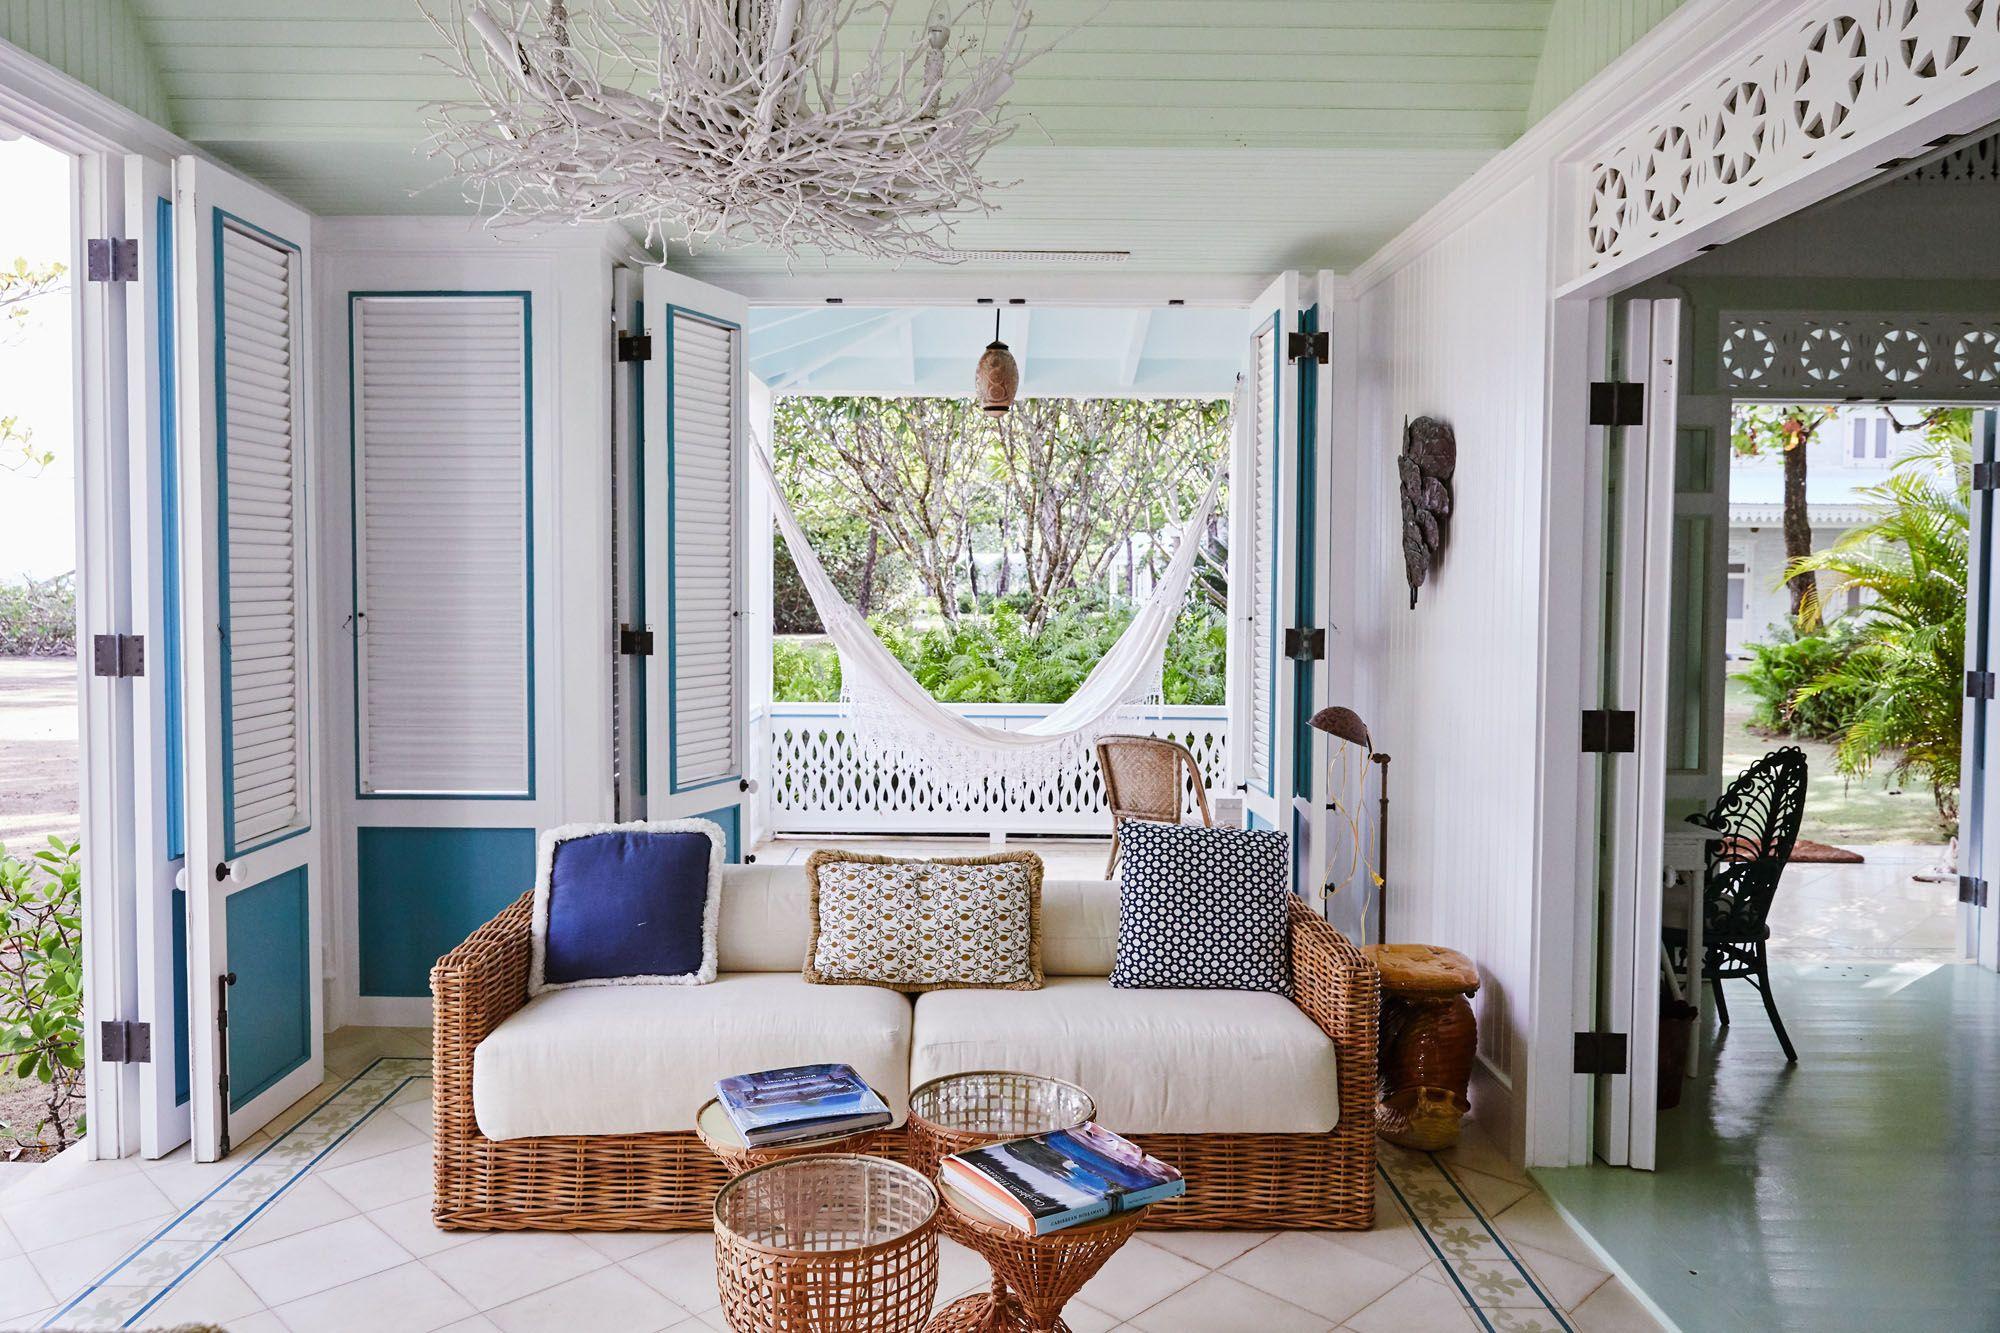 多米尼加共和國 Playa Grande 海灘俱樂部的休息室。(向右滑看更多圖片)